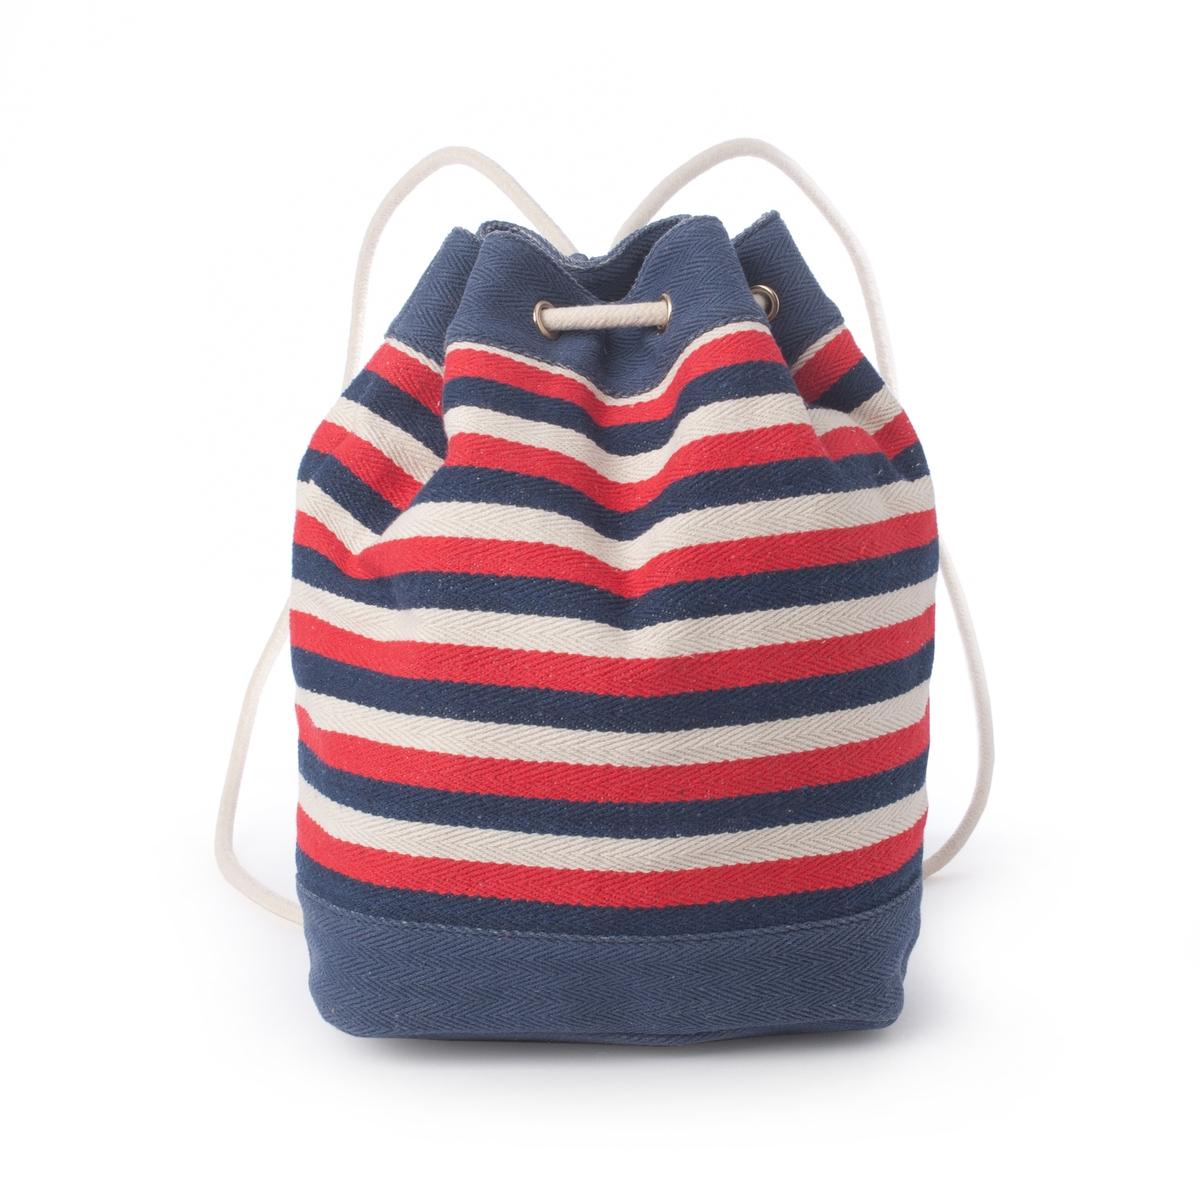 Сумка в форме рюкзакаСумка в полоску в форме рюкзака, R Studio.Стильный и практичный рюкзак мешковатой формы в полоску погружает в атмосферу лета и моря.Состав и описаниеМатериал : текстильная внешняя часть из канвы                 Подкладка из полиэстера. Марка : R Studio.Размеры : 32 x 23 x 14 смЗастежка : завязка на кулиске.1 карман на молнии и 2 кармана для мобильного телефона.Ремень не регулируется и не снимается.<br><br>Цвет: синий/ белый/ красный<br>Размер: единый размер